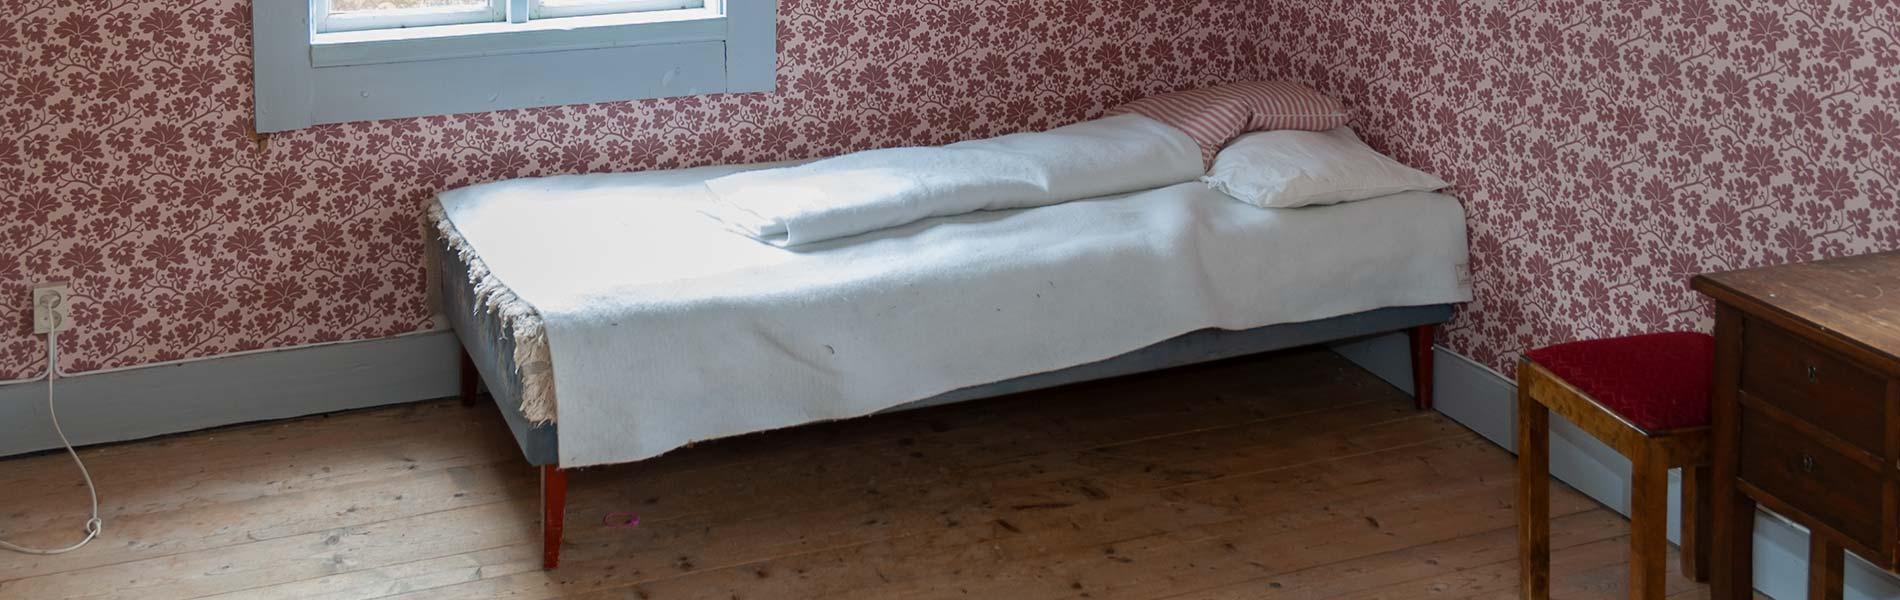 En säng med vita lakan står i hörnet av ett rum